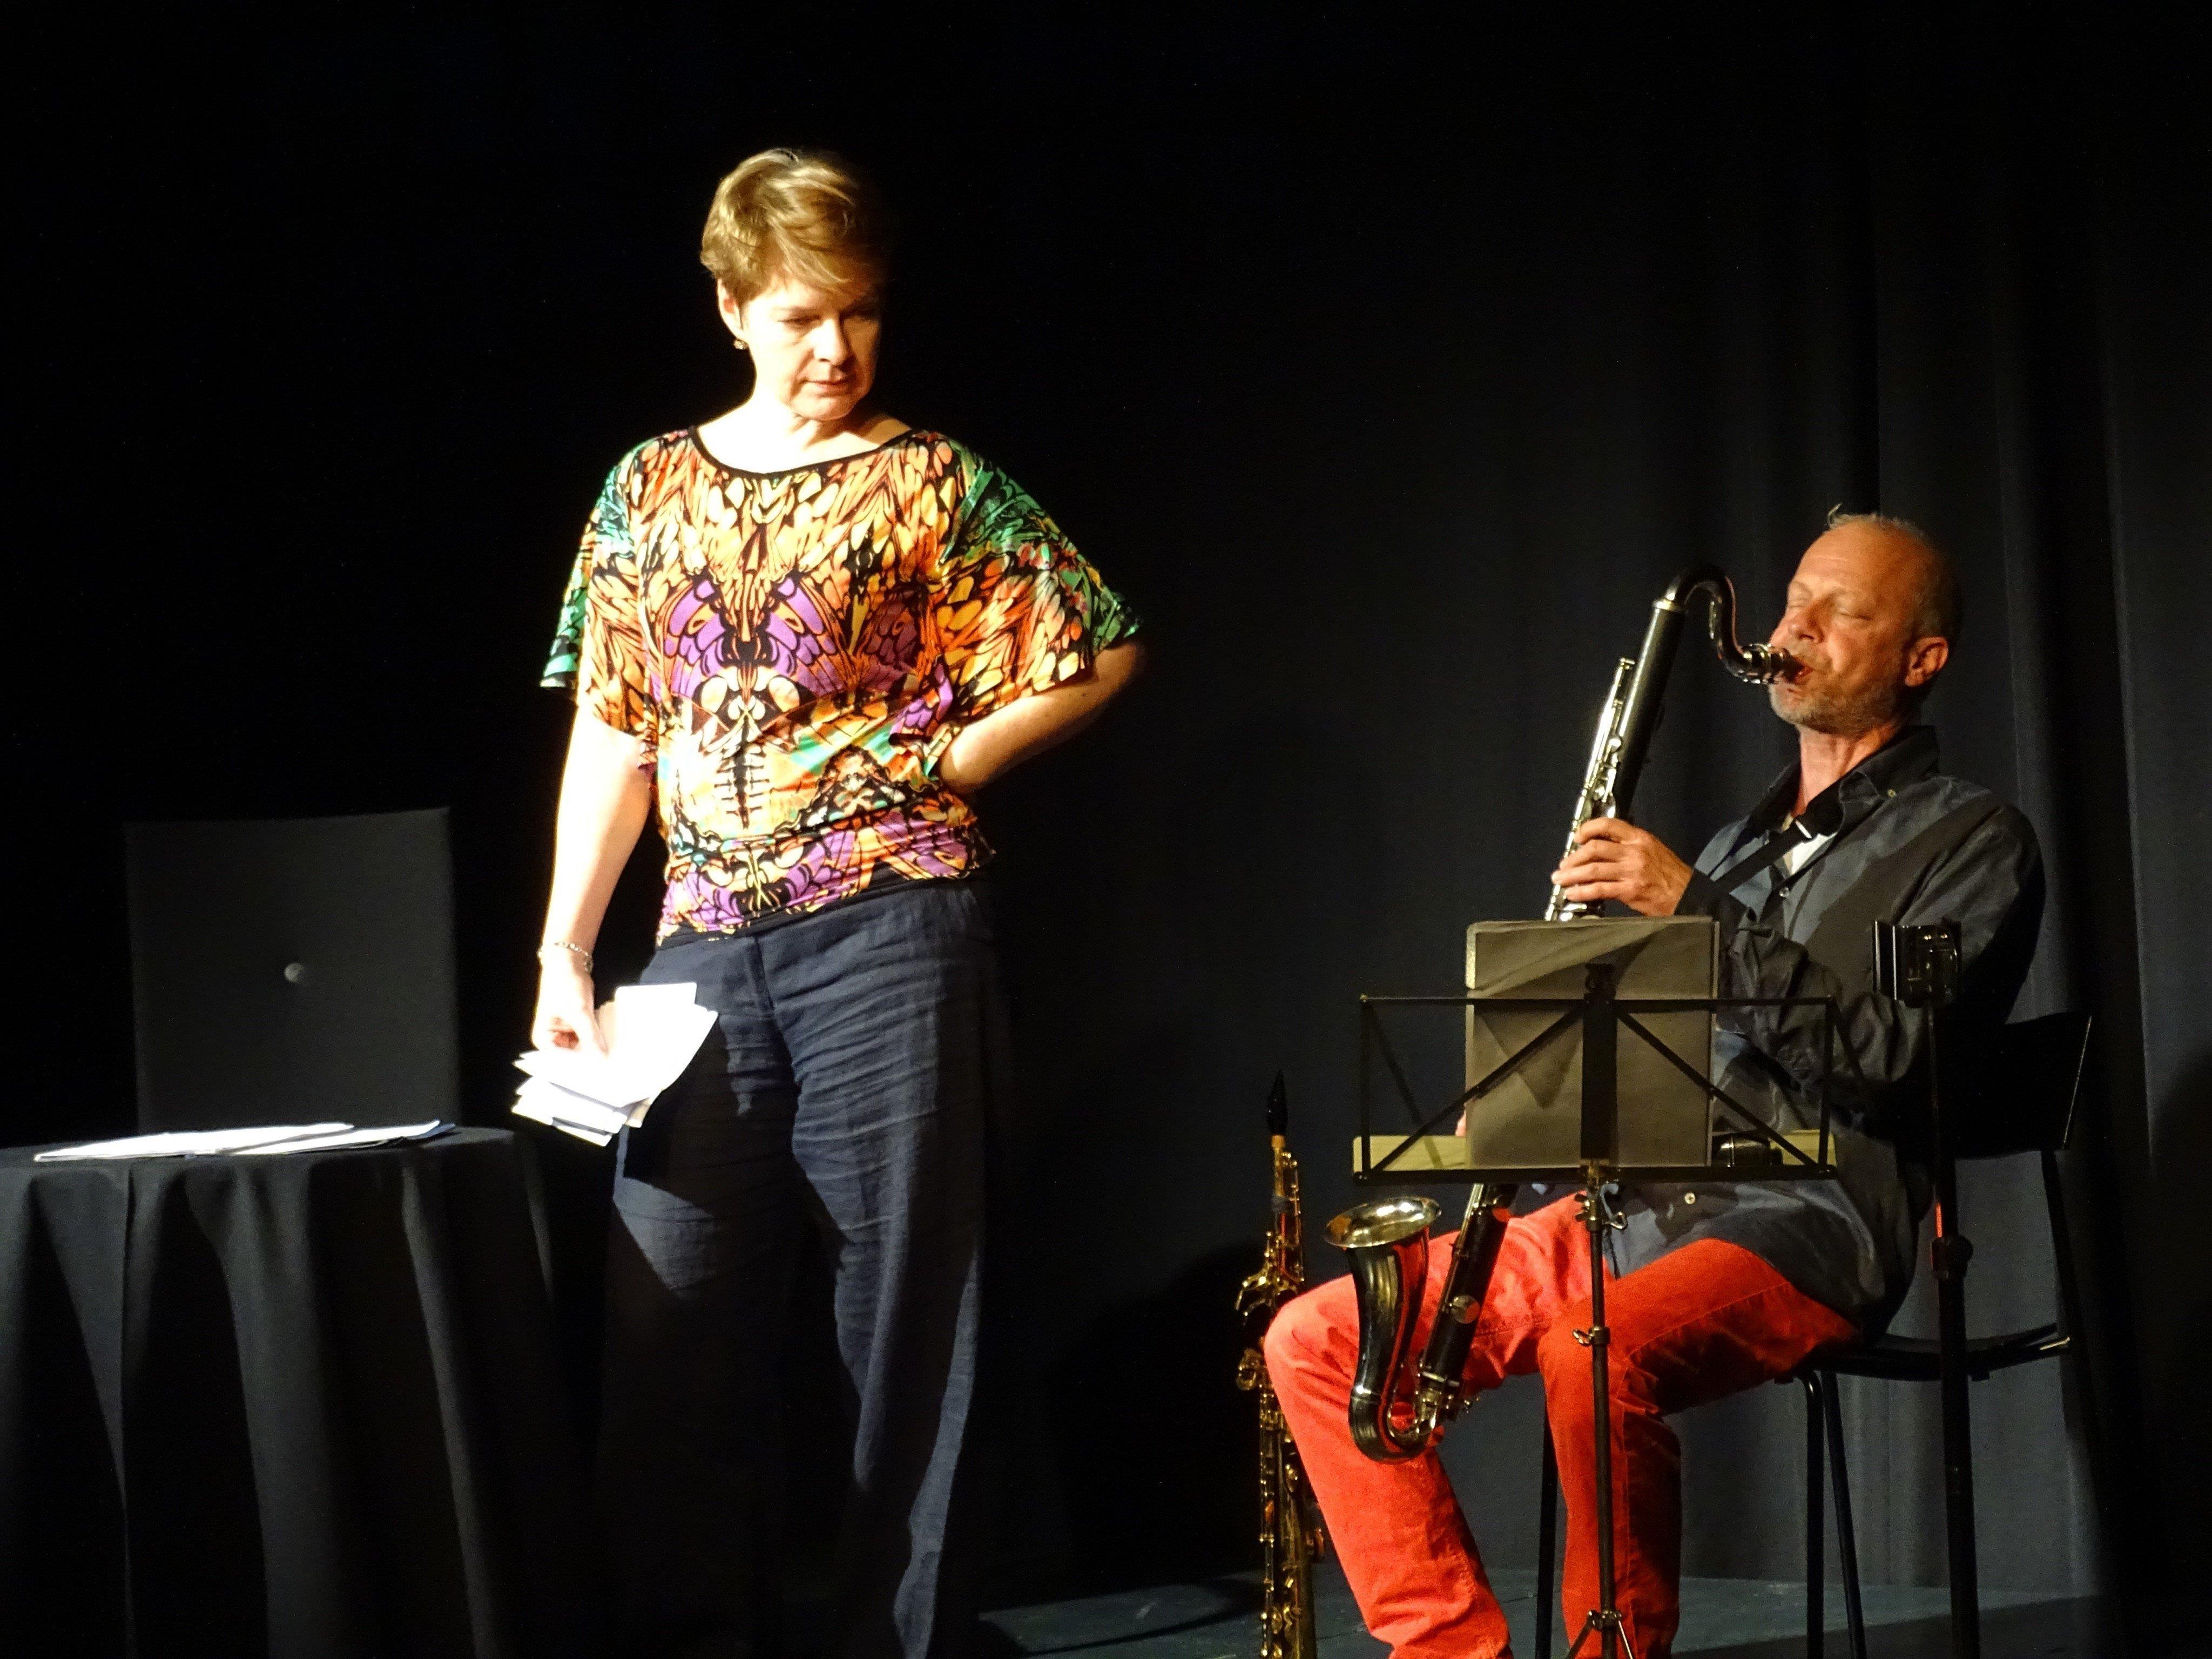 Dorrit Aniuchi und Markus Gsell warfen bei ihrer szenischen Lesung mit Musik einen humorvollen Blick auf das Dickicht zwischenmenschlicher Beziehungen.